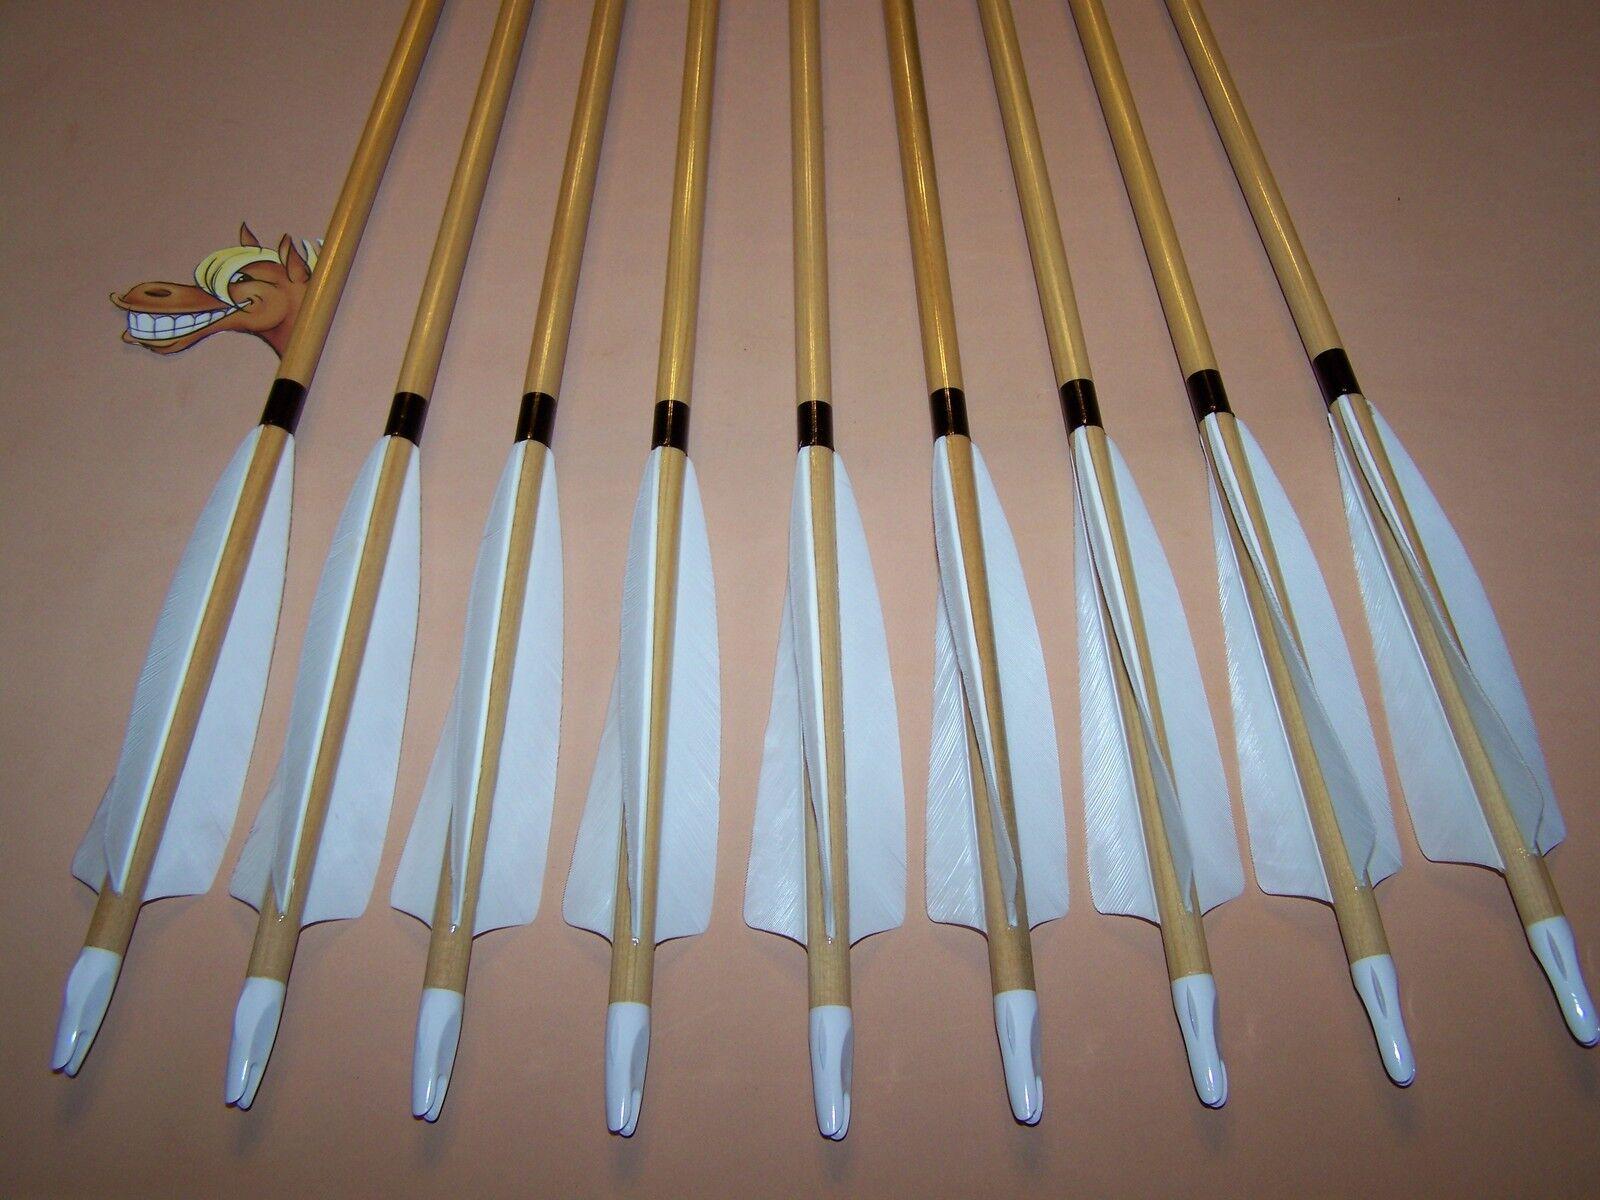 9 Nuevas De Madera De Cedro, tradicional Flechas 50 55 SCA Medieval Arco Largo